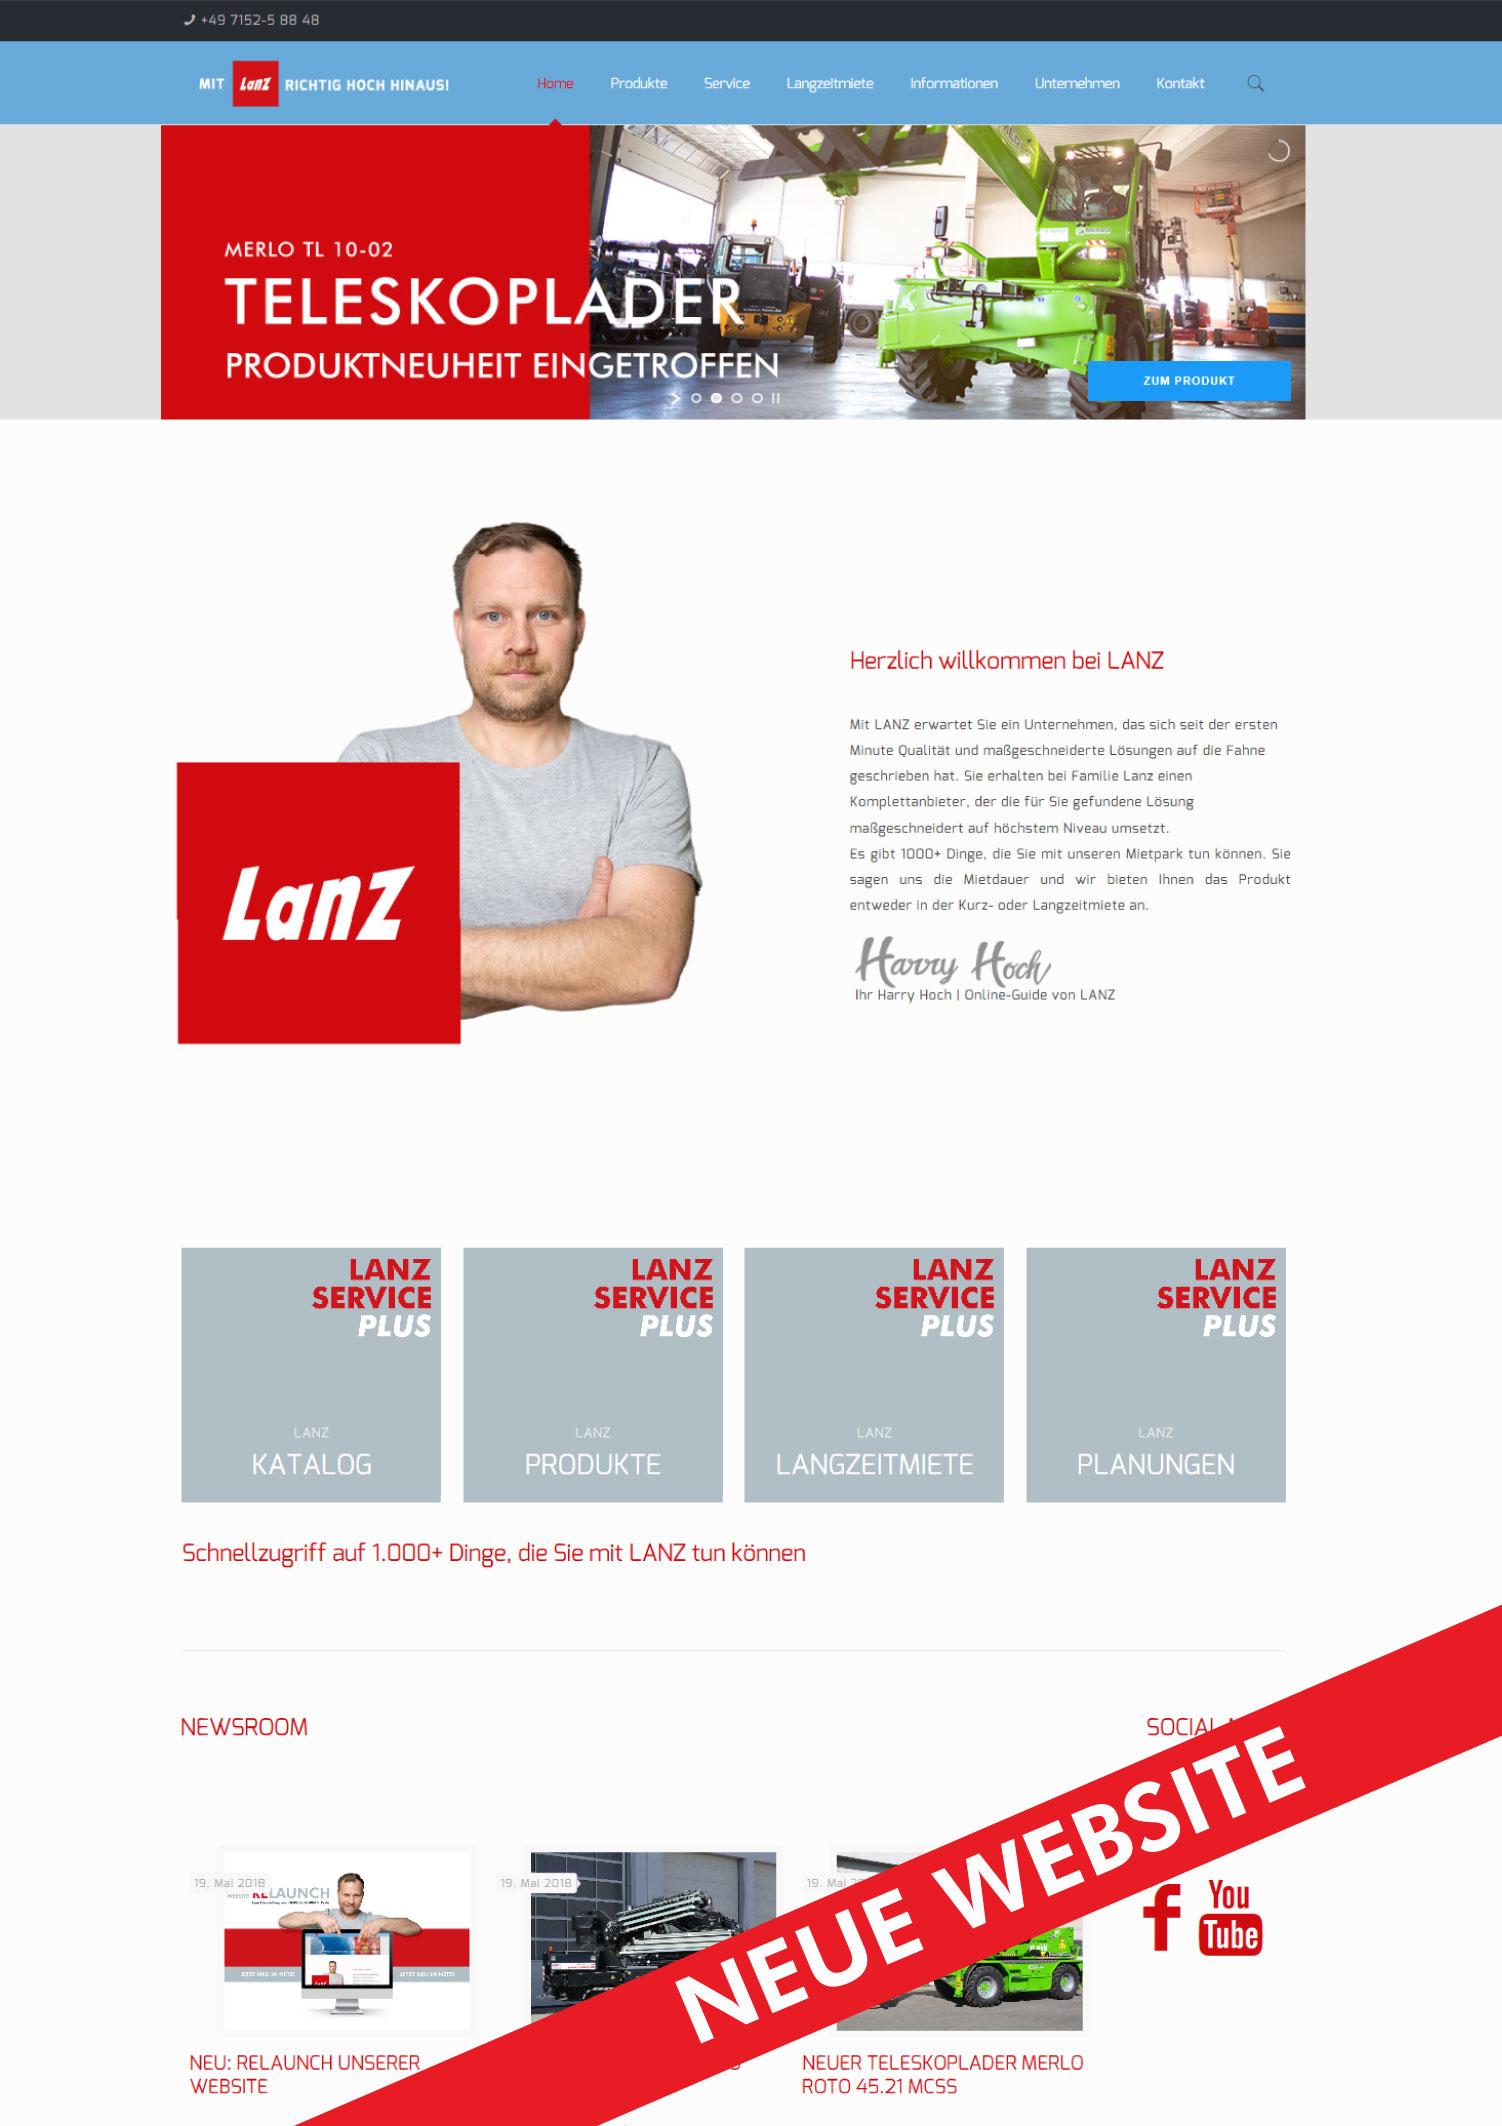 Universal-Brands-Beitragsbild-Lanz-neue-website-a